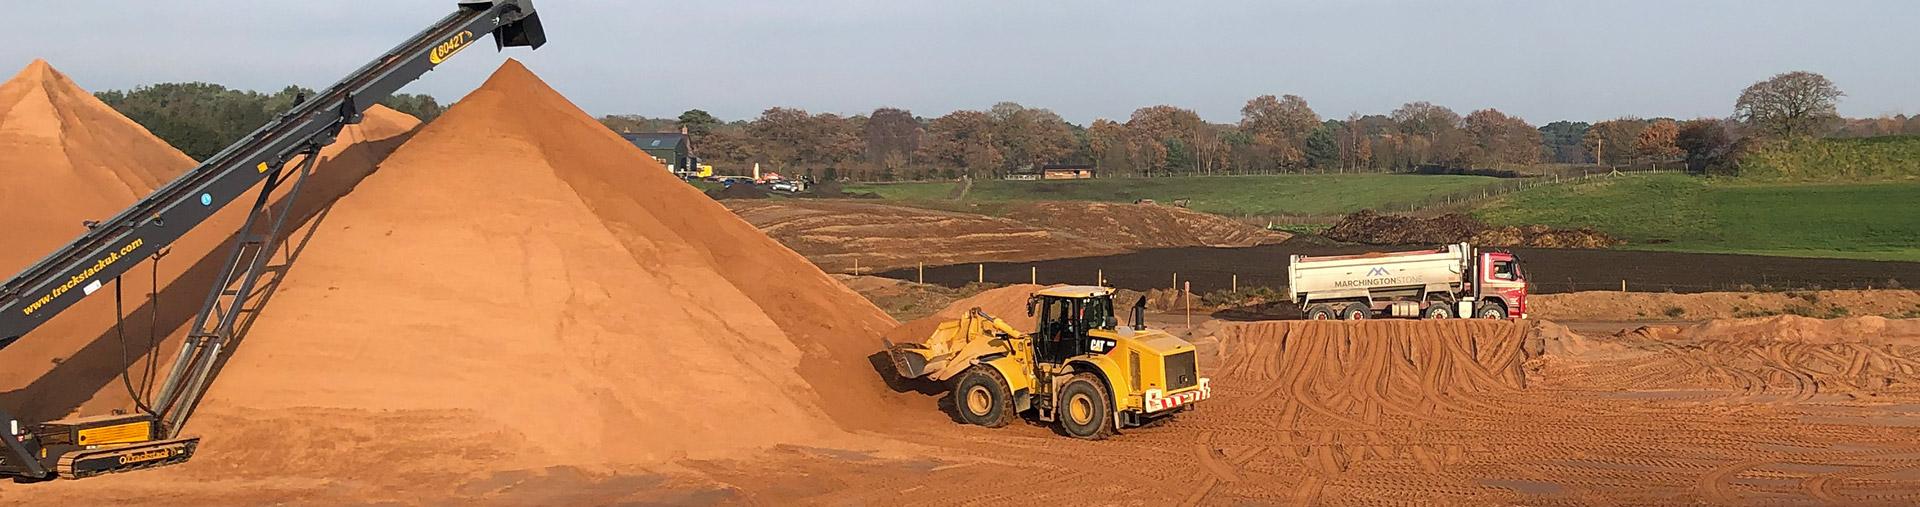 Cobden Farm Sand Quarry